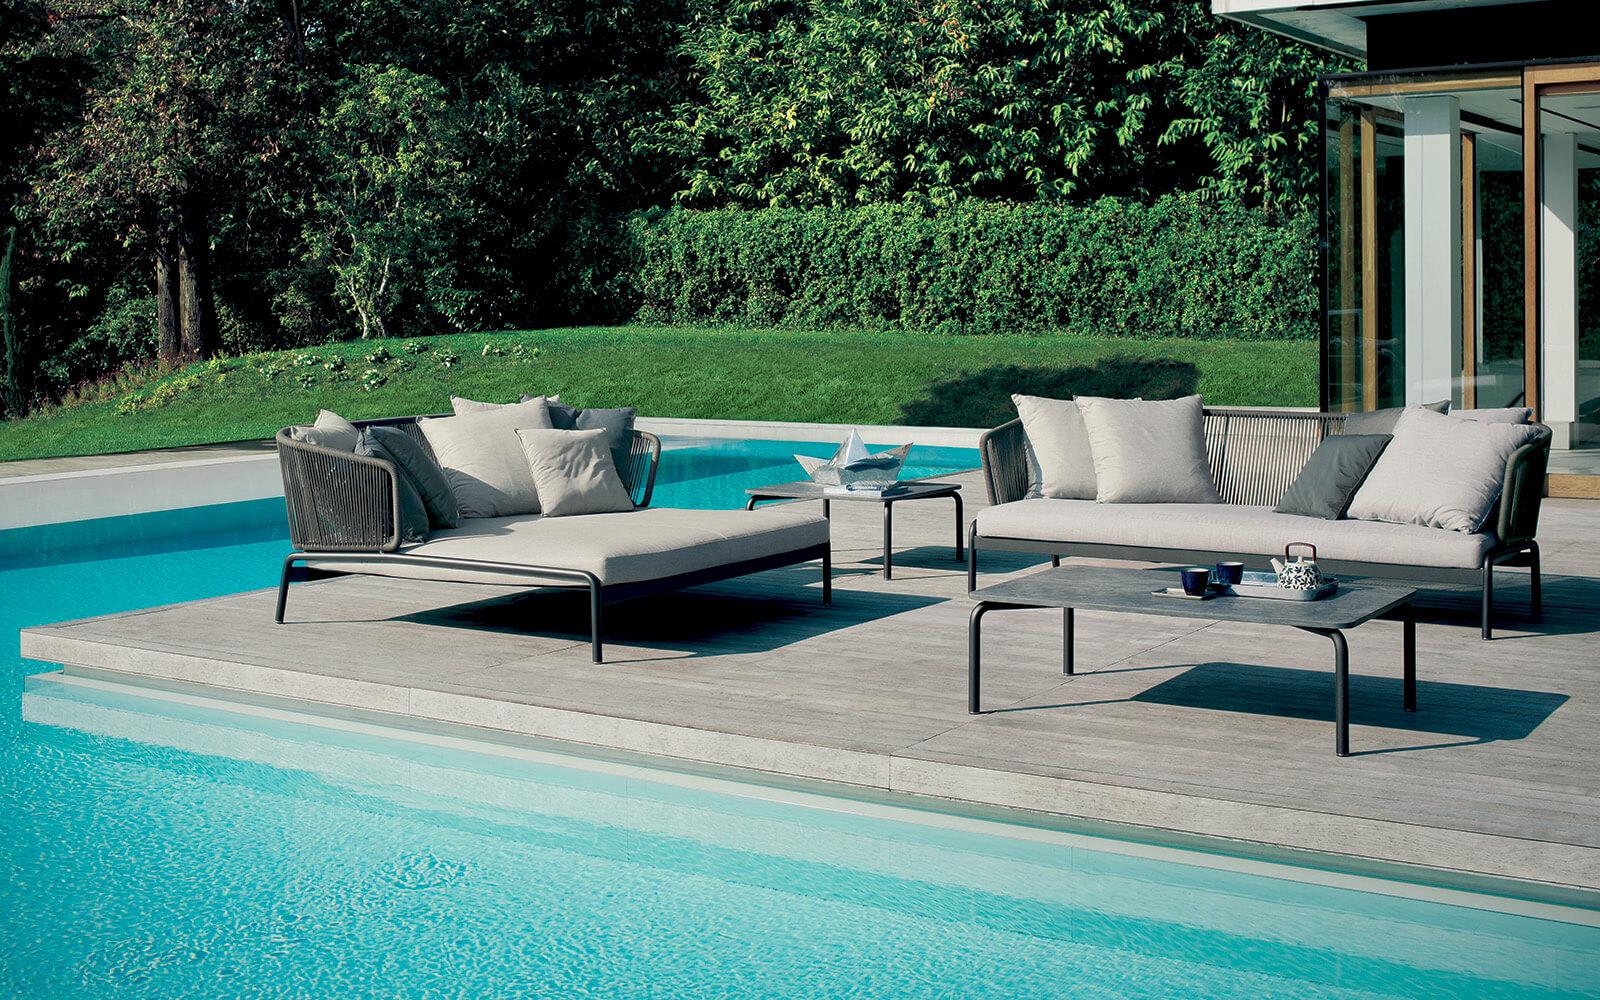 Spool sofa-coffee tables